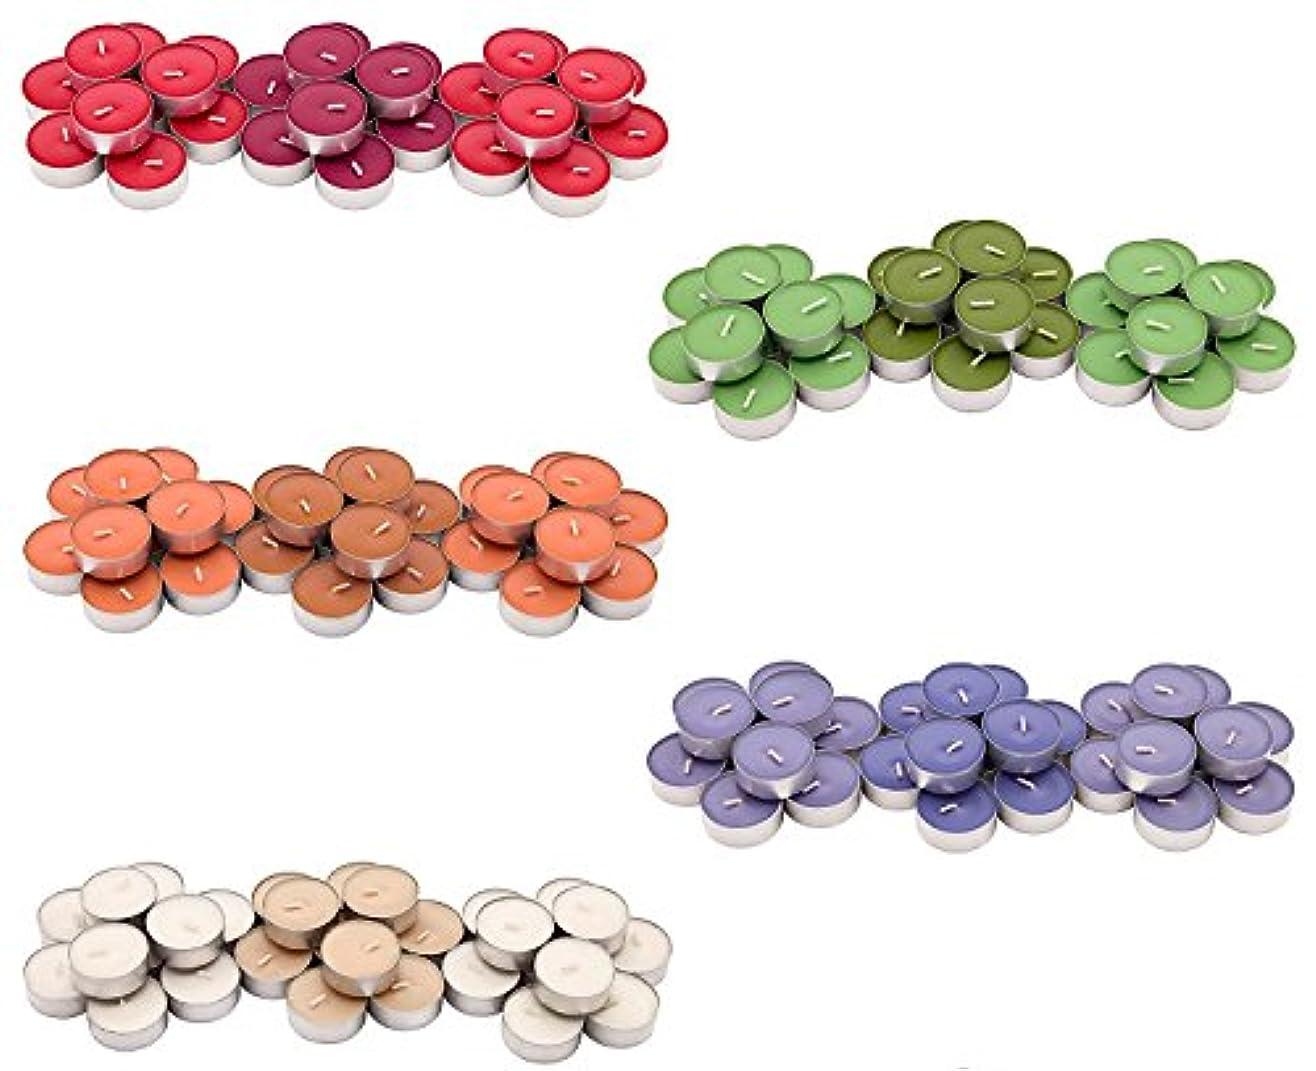 ブラケットイサカ引き算IKEA SINNLIG 香り付ティーライト 30ピース × 5種類(レッドガーデンベリー、ピーチ&オレンジ、スイートバニラ、リンゴ&洋ナシ、ブラックベリー)